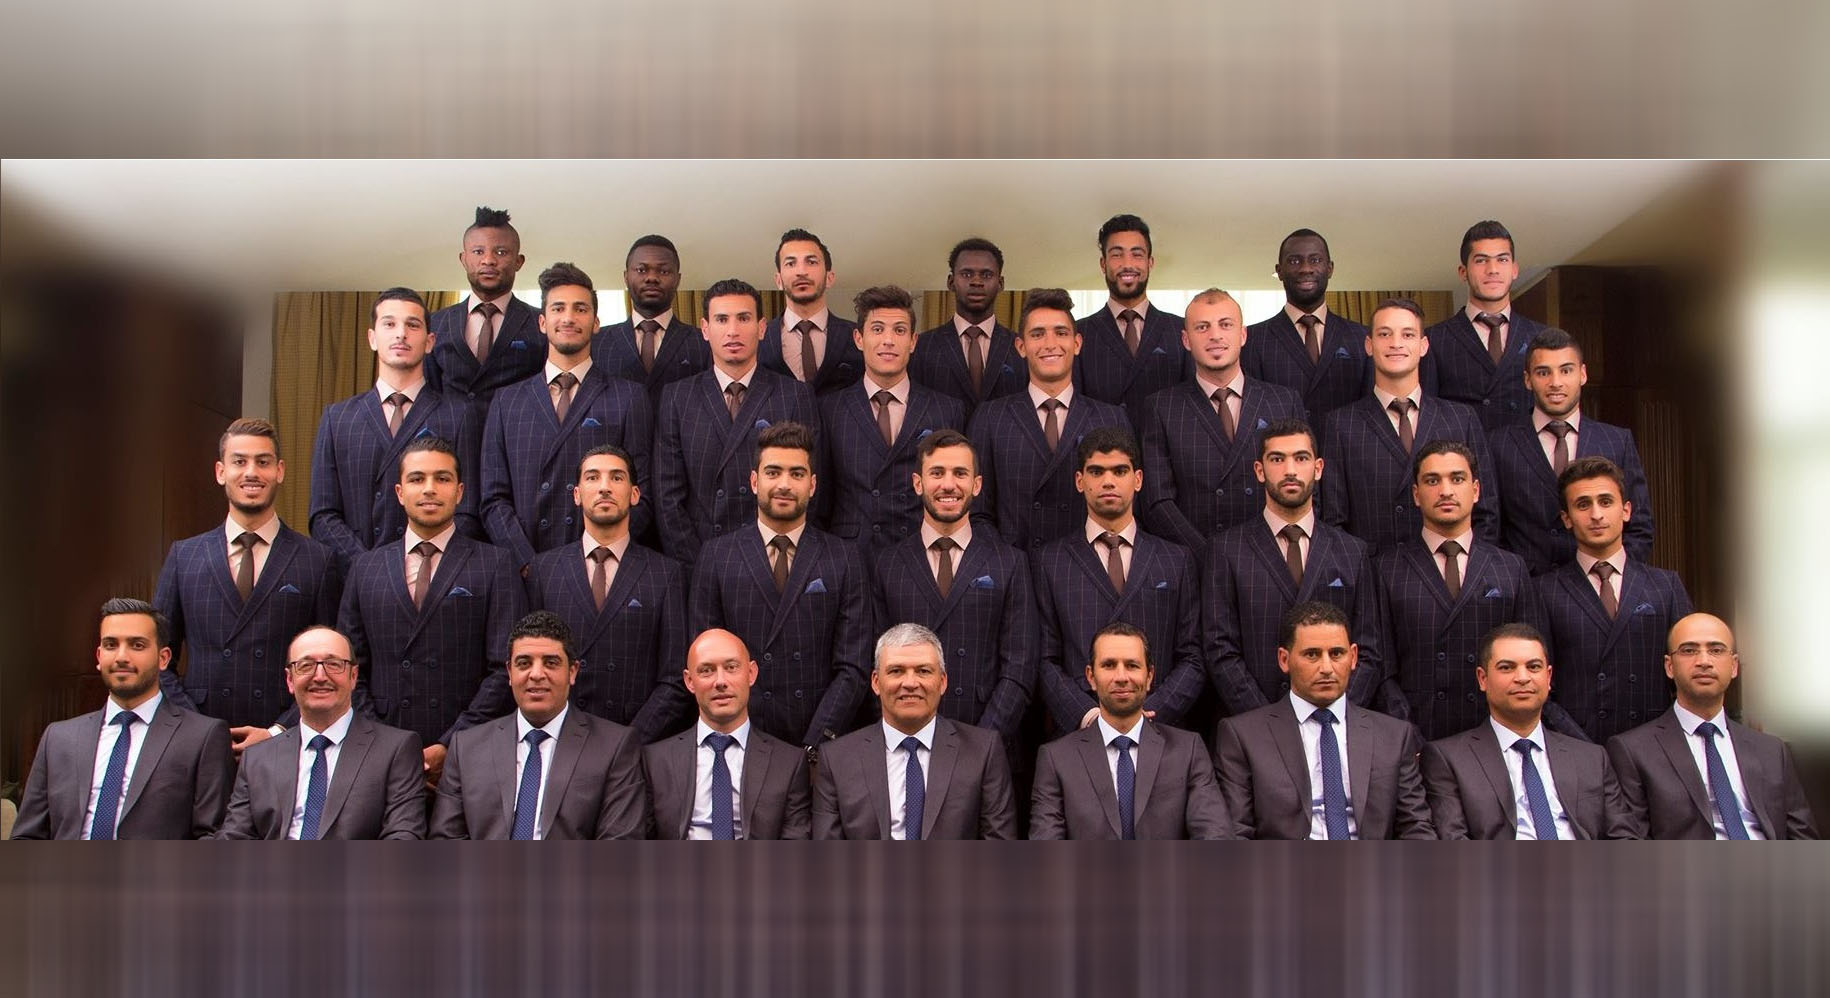 النادي الصفاقسي : صورة جماعية بالبدلة الرسمية